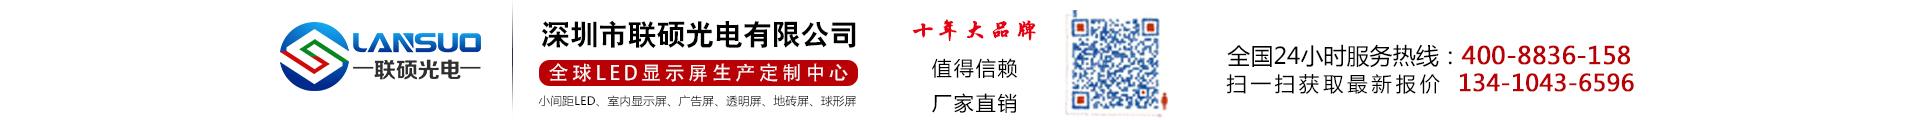 深圳市联硕光电有限公司